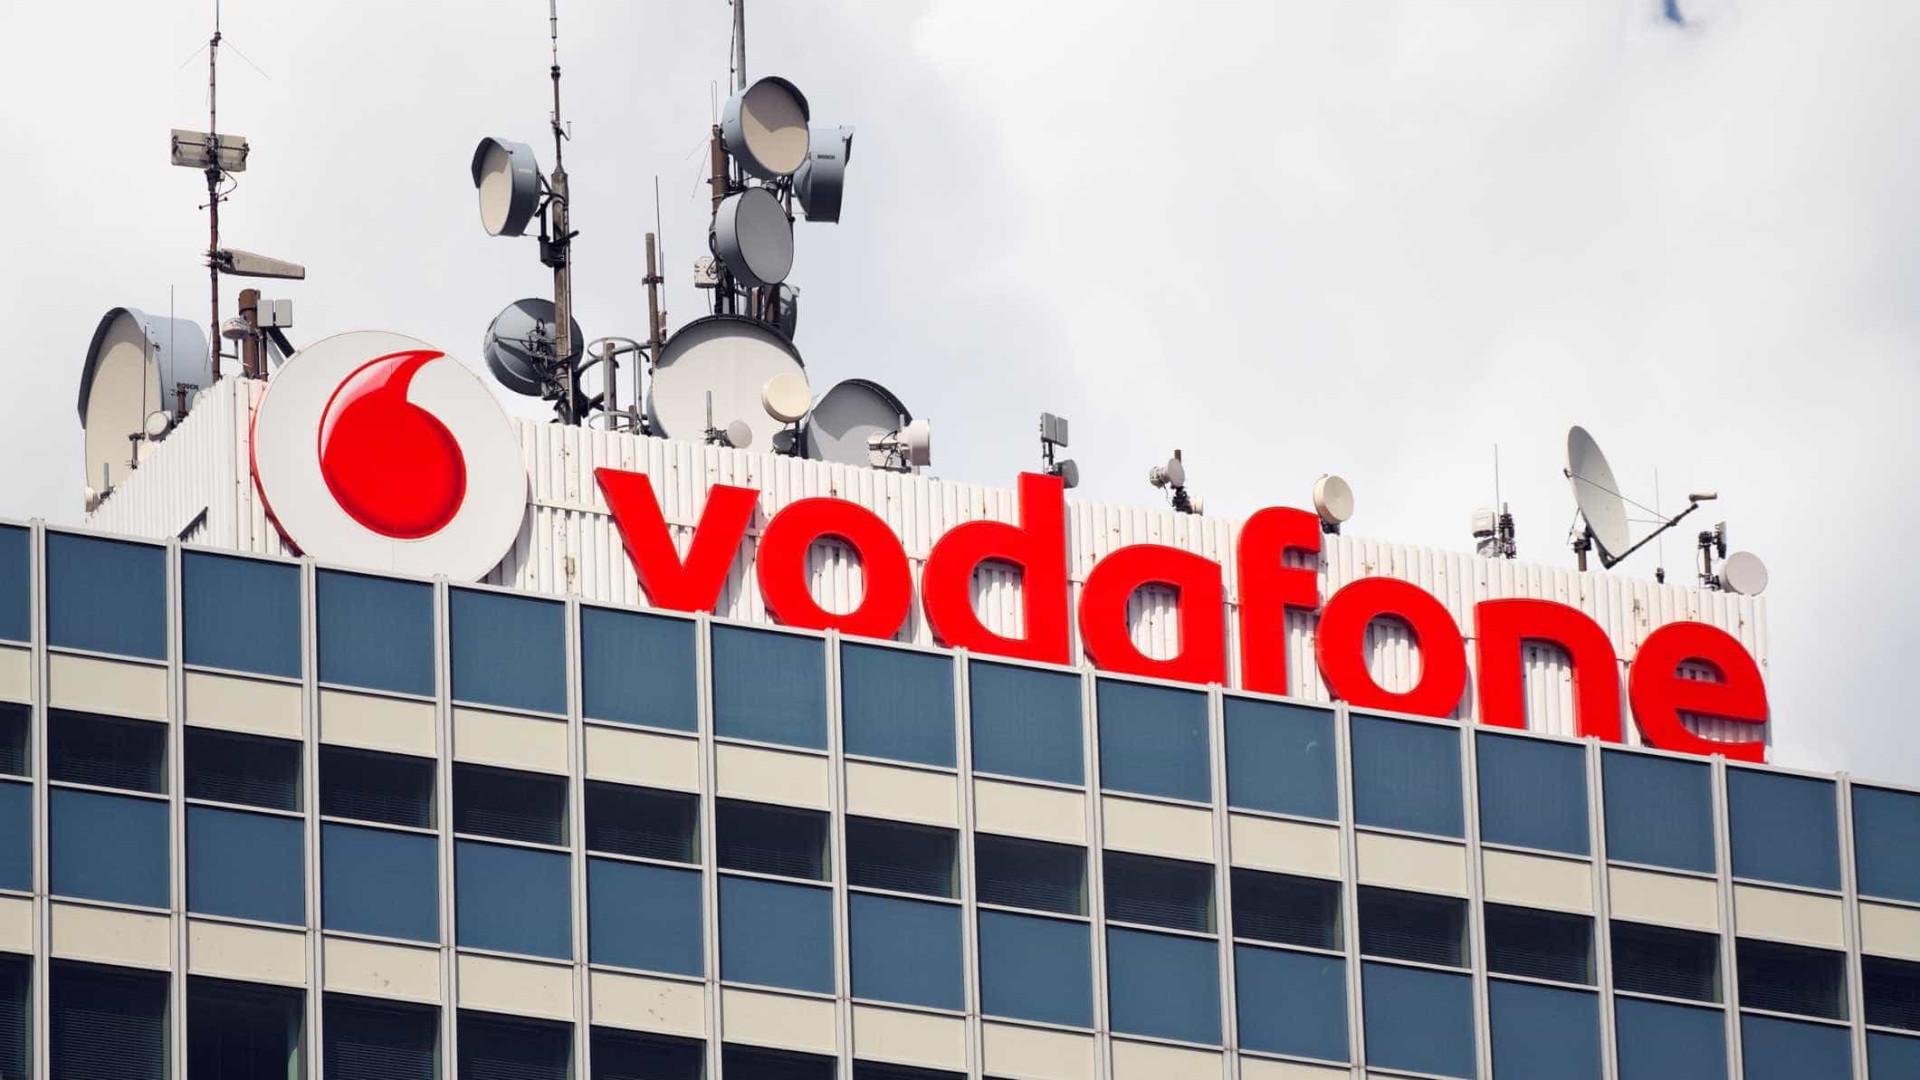 """Vodafone sem decisão tomada """"até à data"""" sobre eventual aumento de preços"""